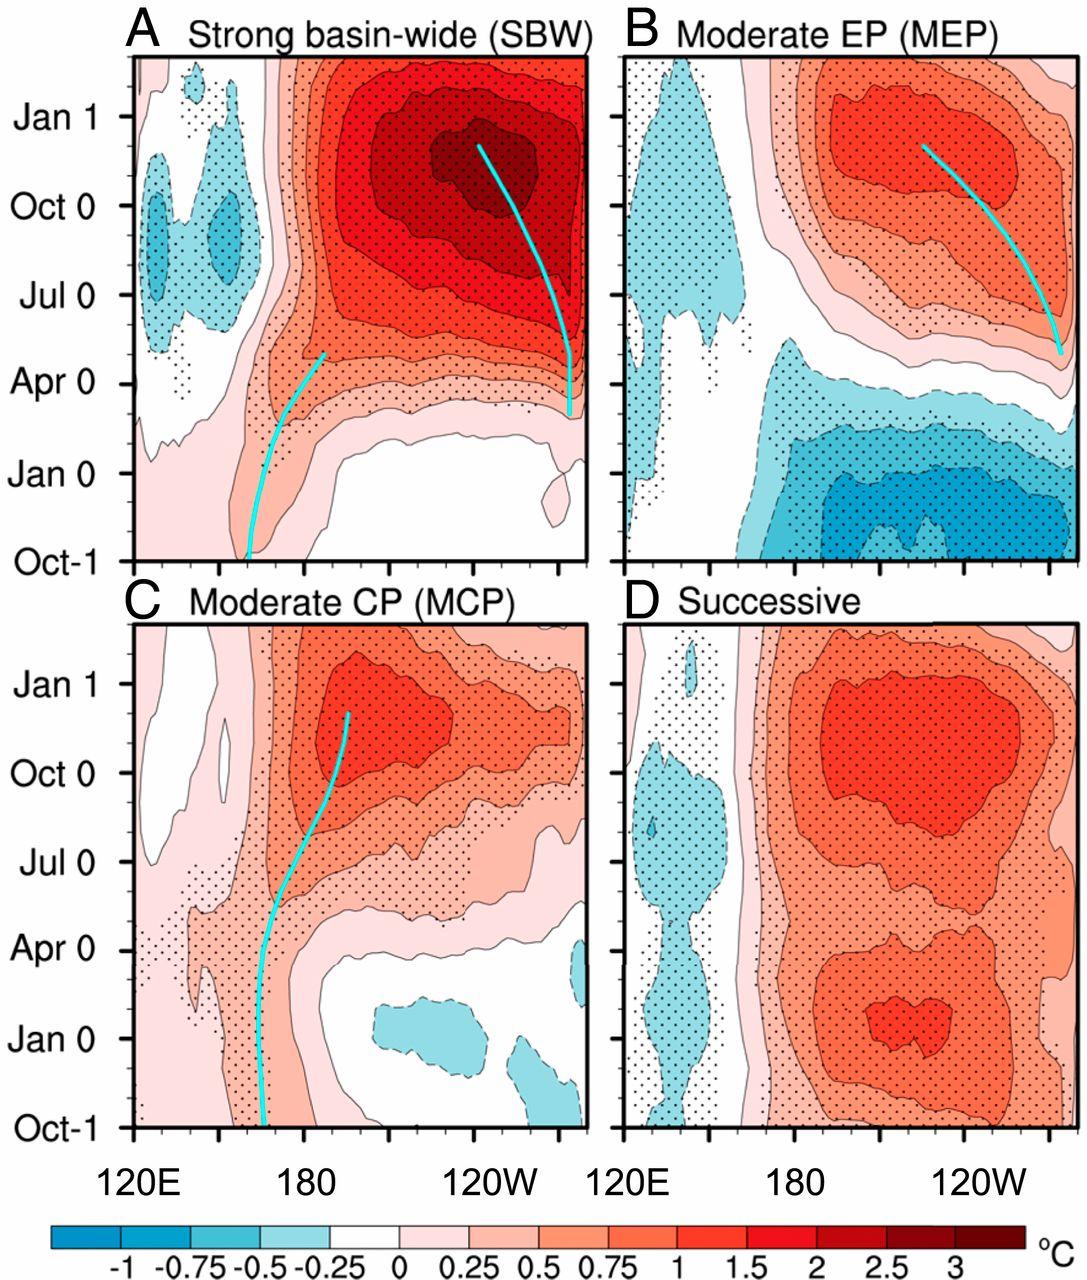 L'évolution passée d'El Niño laisse présager de futurs événements extrêmes